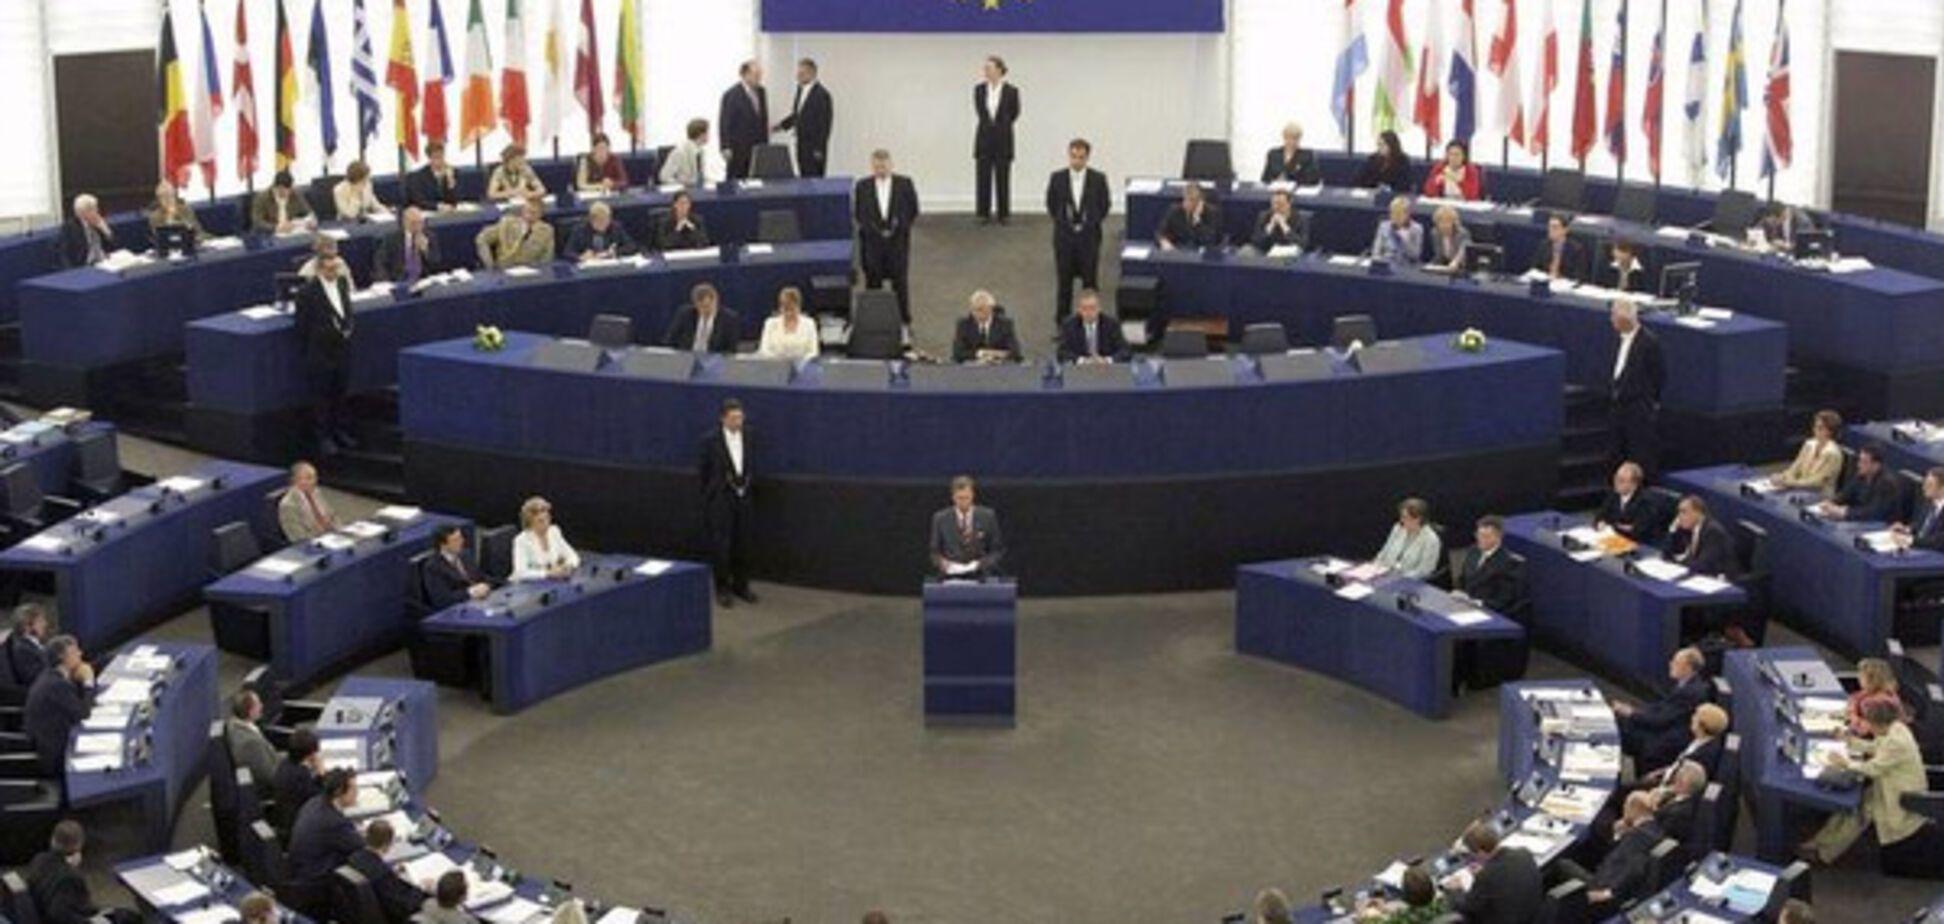 Почти финал: Европарламент внес в план пленарной недели голосование по безвизу для Украины